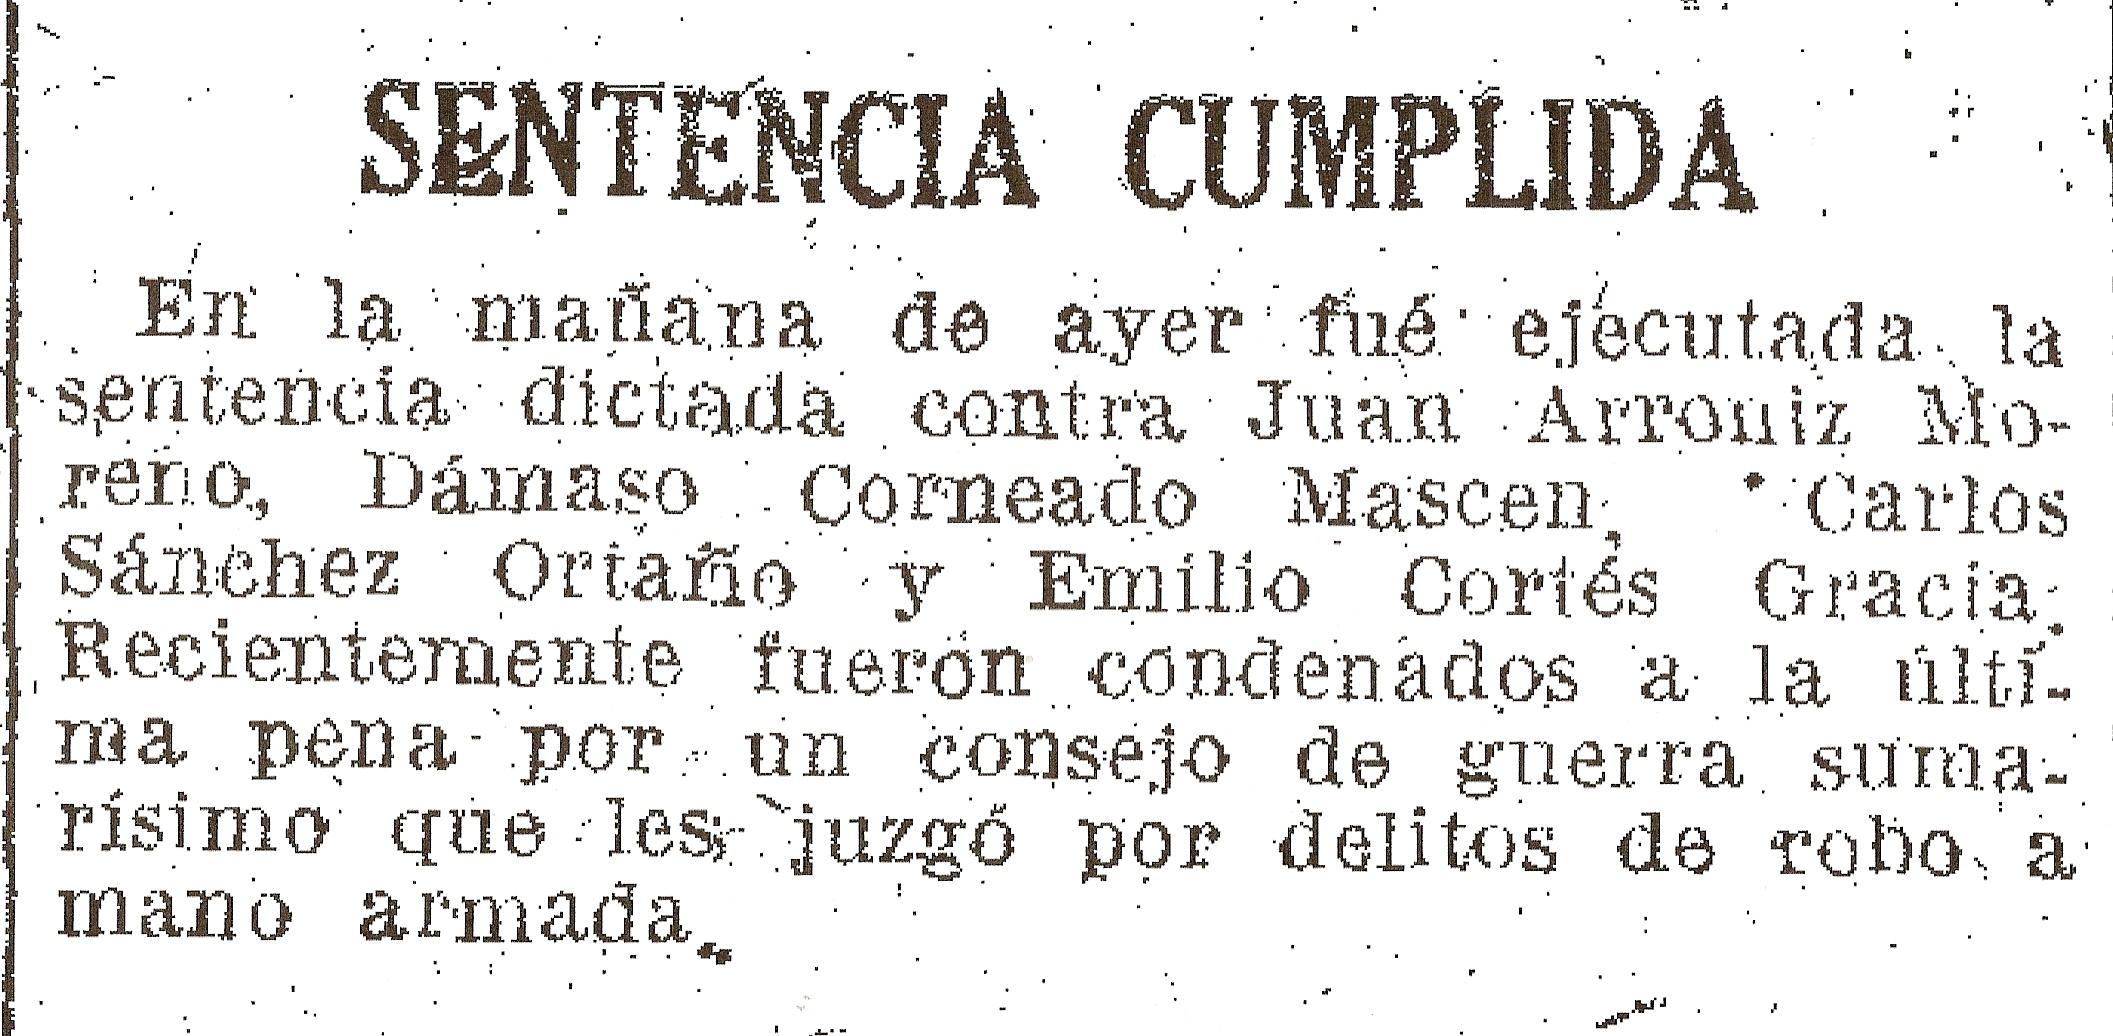 La Vanguardia informa sobre la ejecución departe de los miembros del grupo. 19-6-1940.